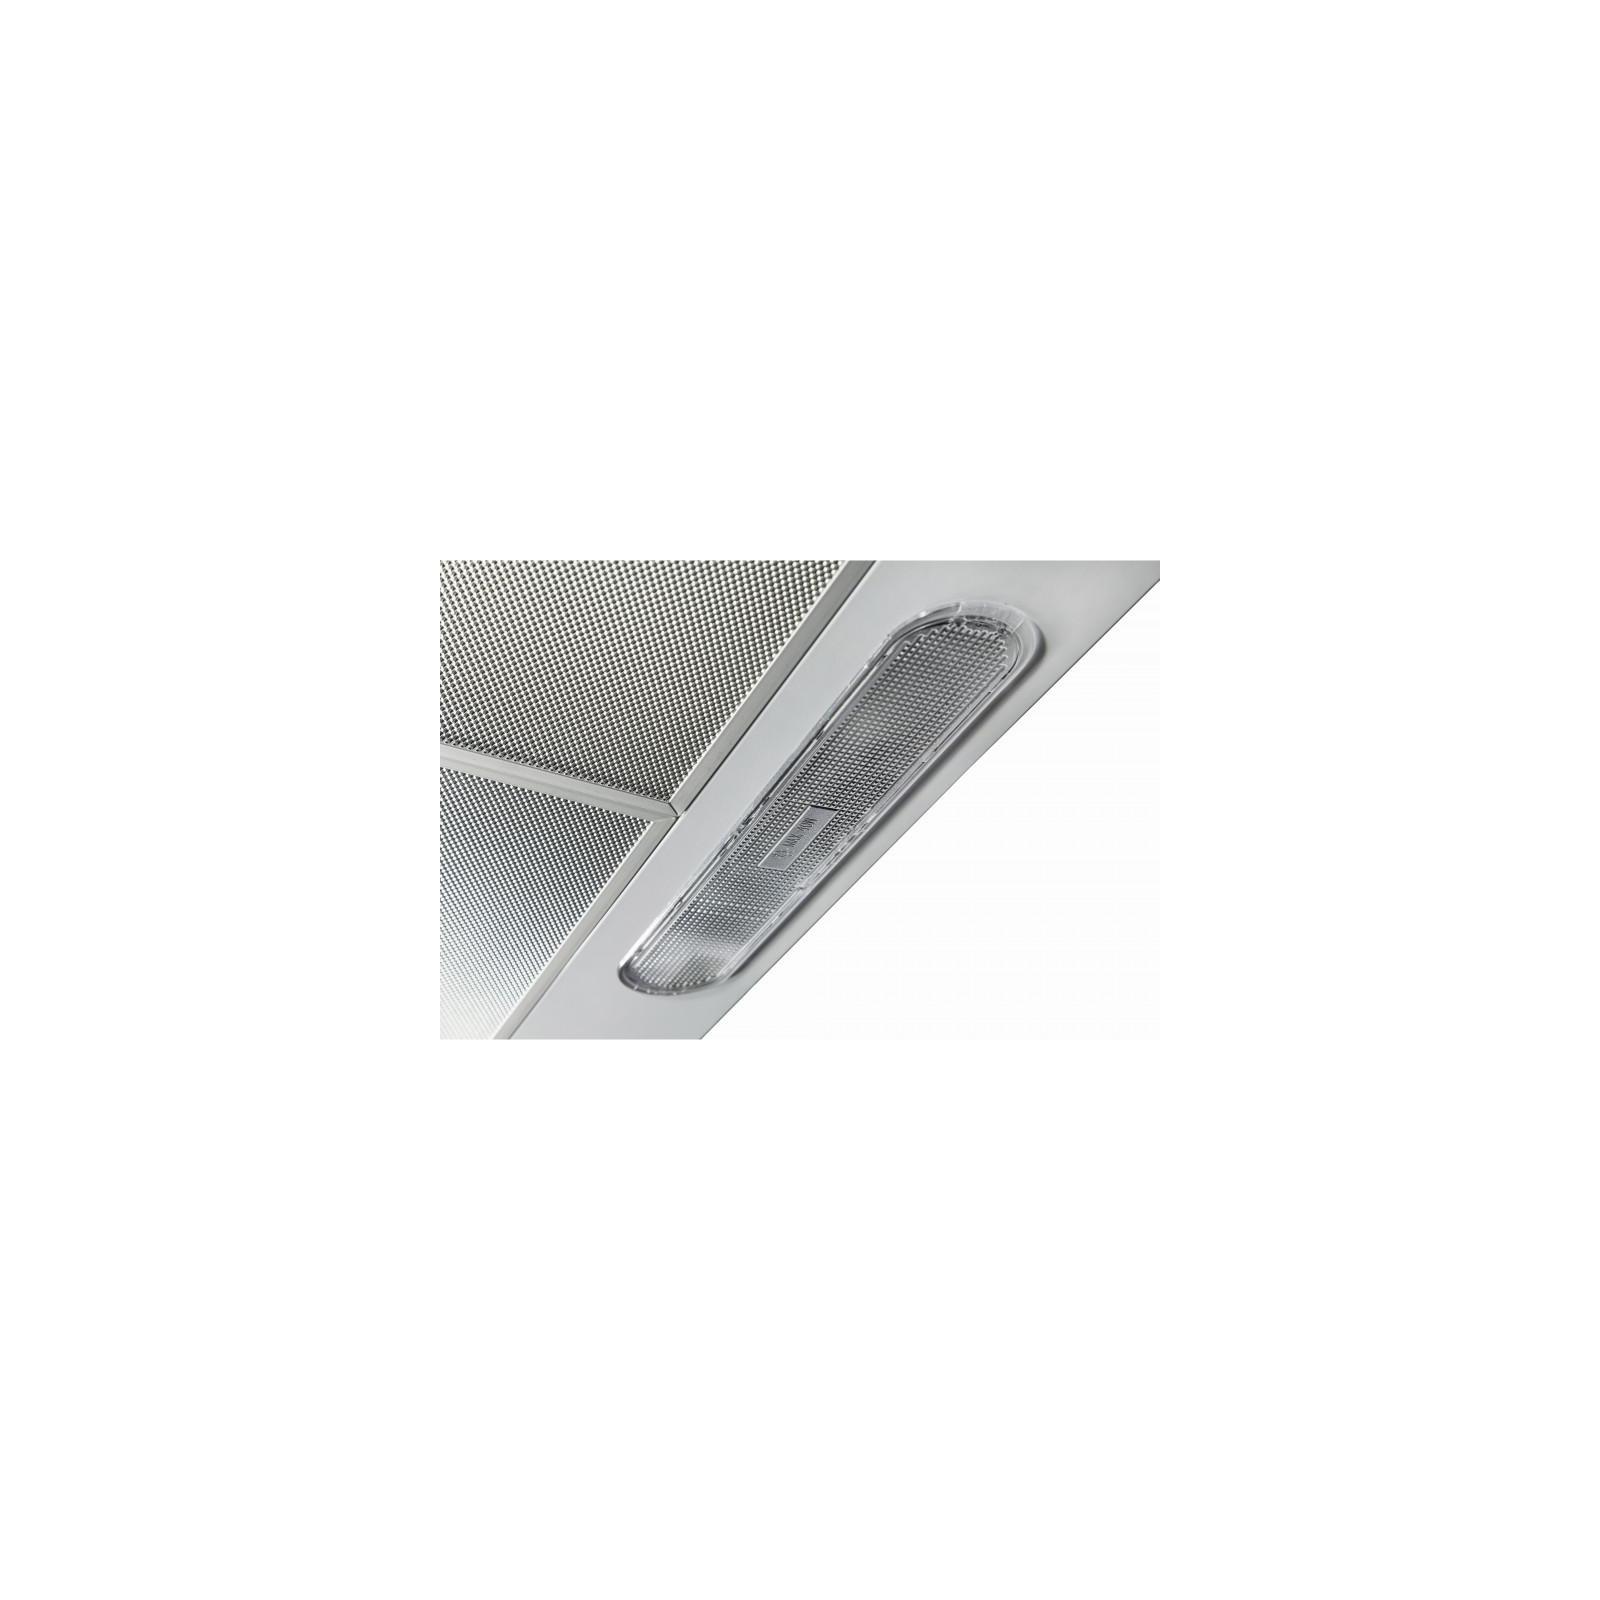 Вытяжка кухонная MINOLA HPL 6140 WH 630 изображение 5